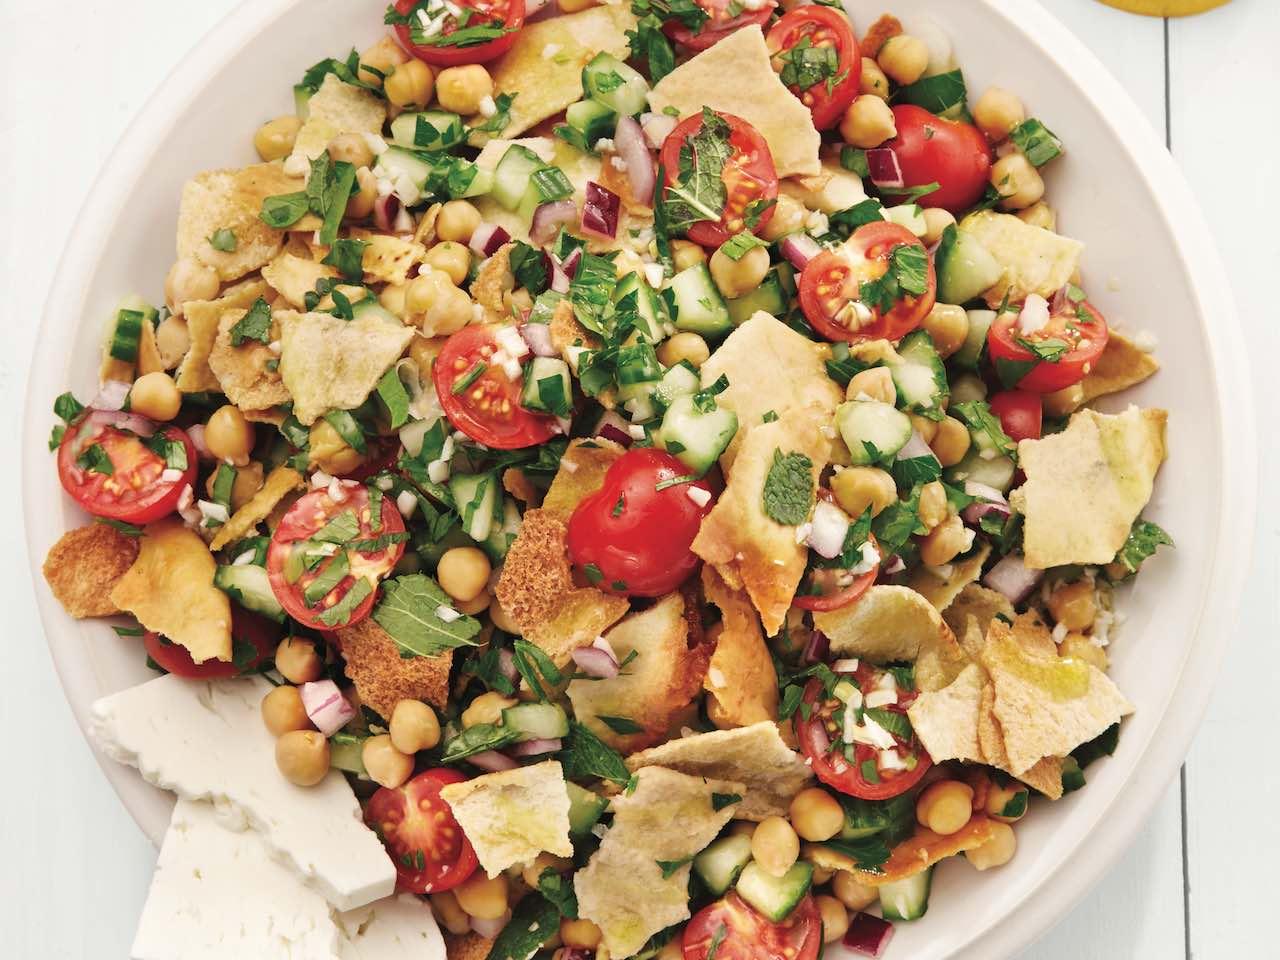 Fattoush salad recipe in white bowl